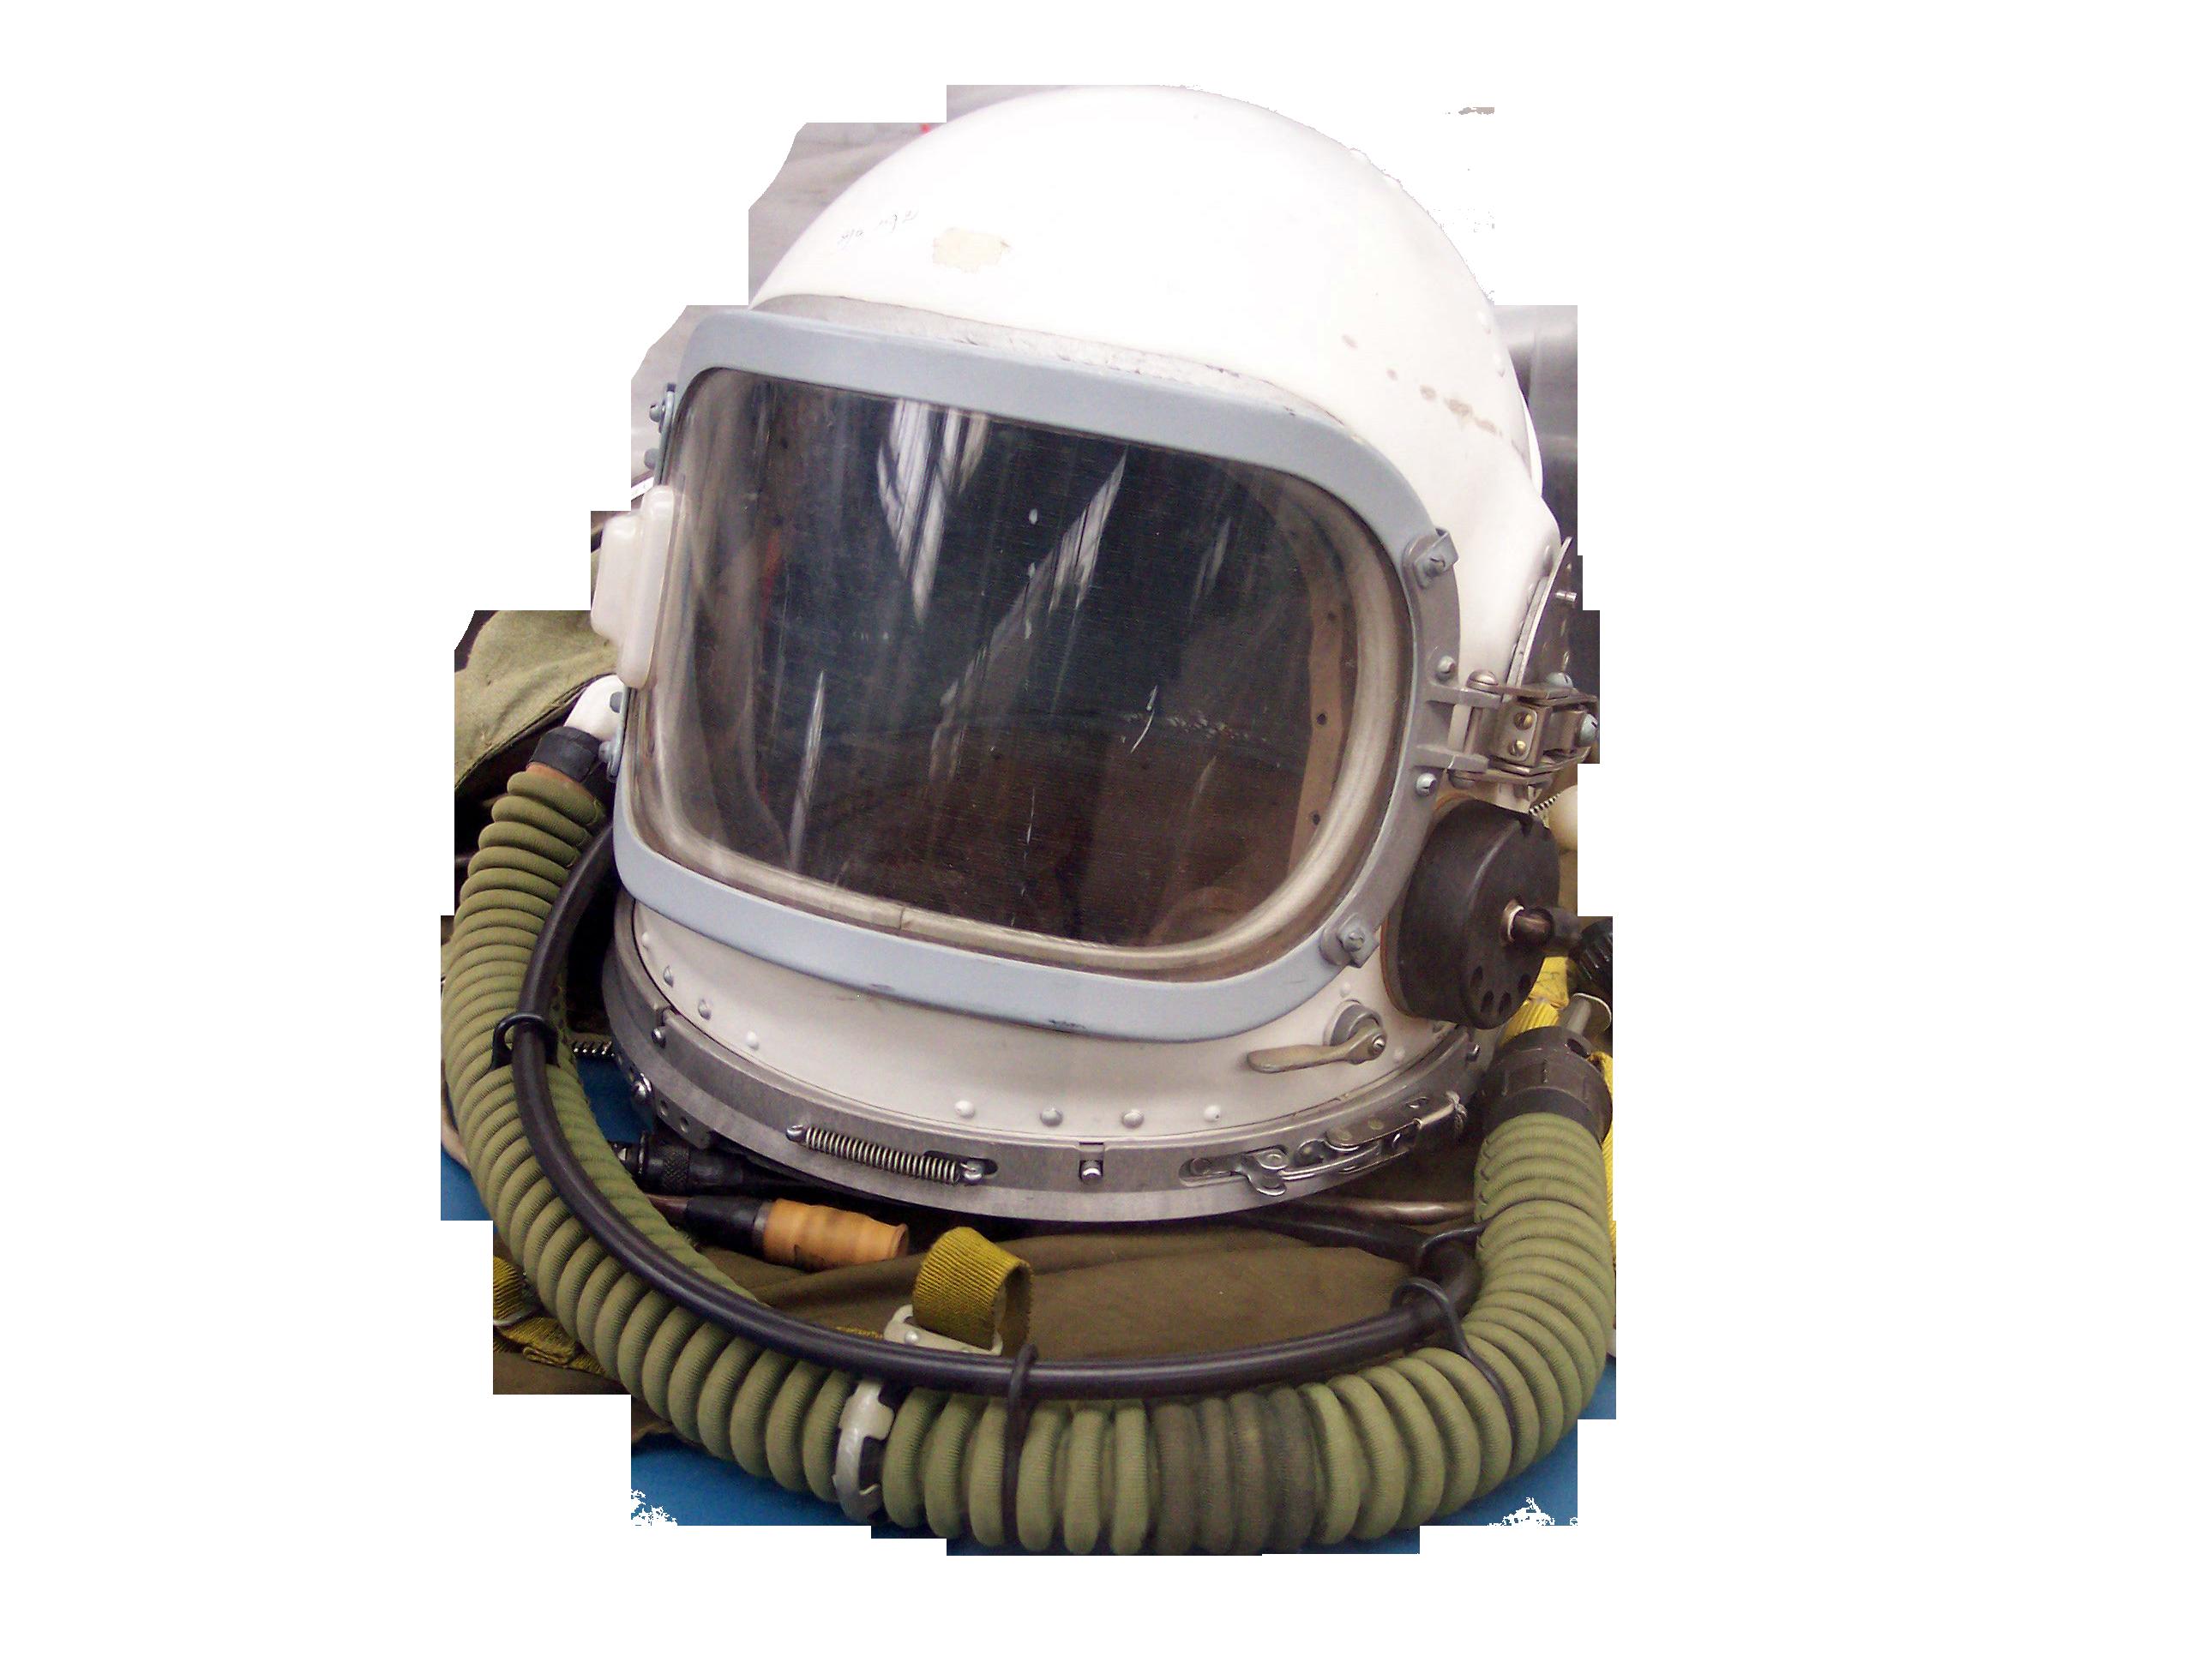 129562219092500630space Helmet Png 2 580 1 932 Pixels Aesthetic Space Helmet Red Star